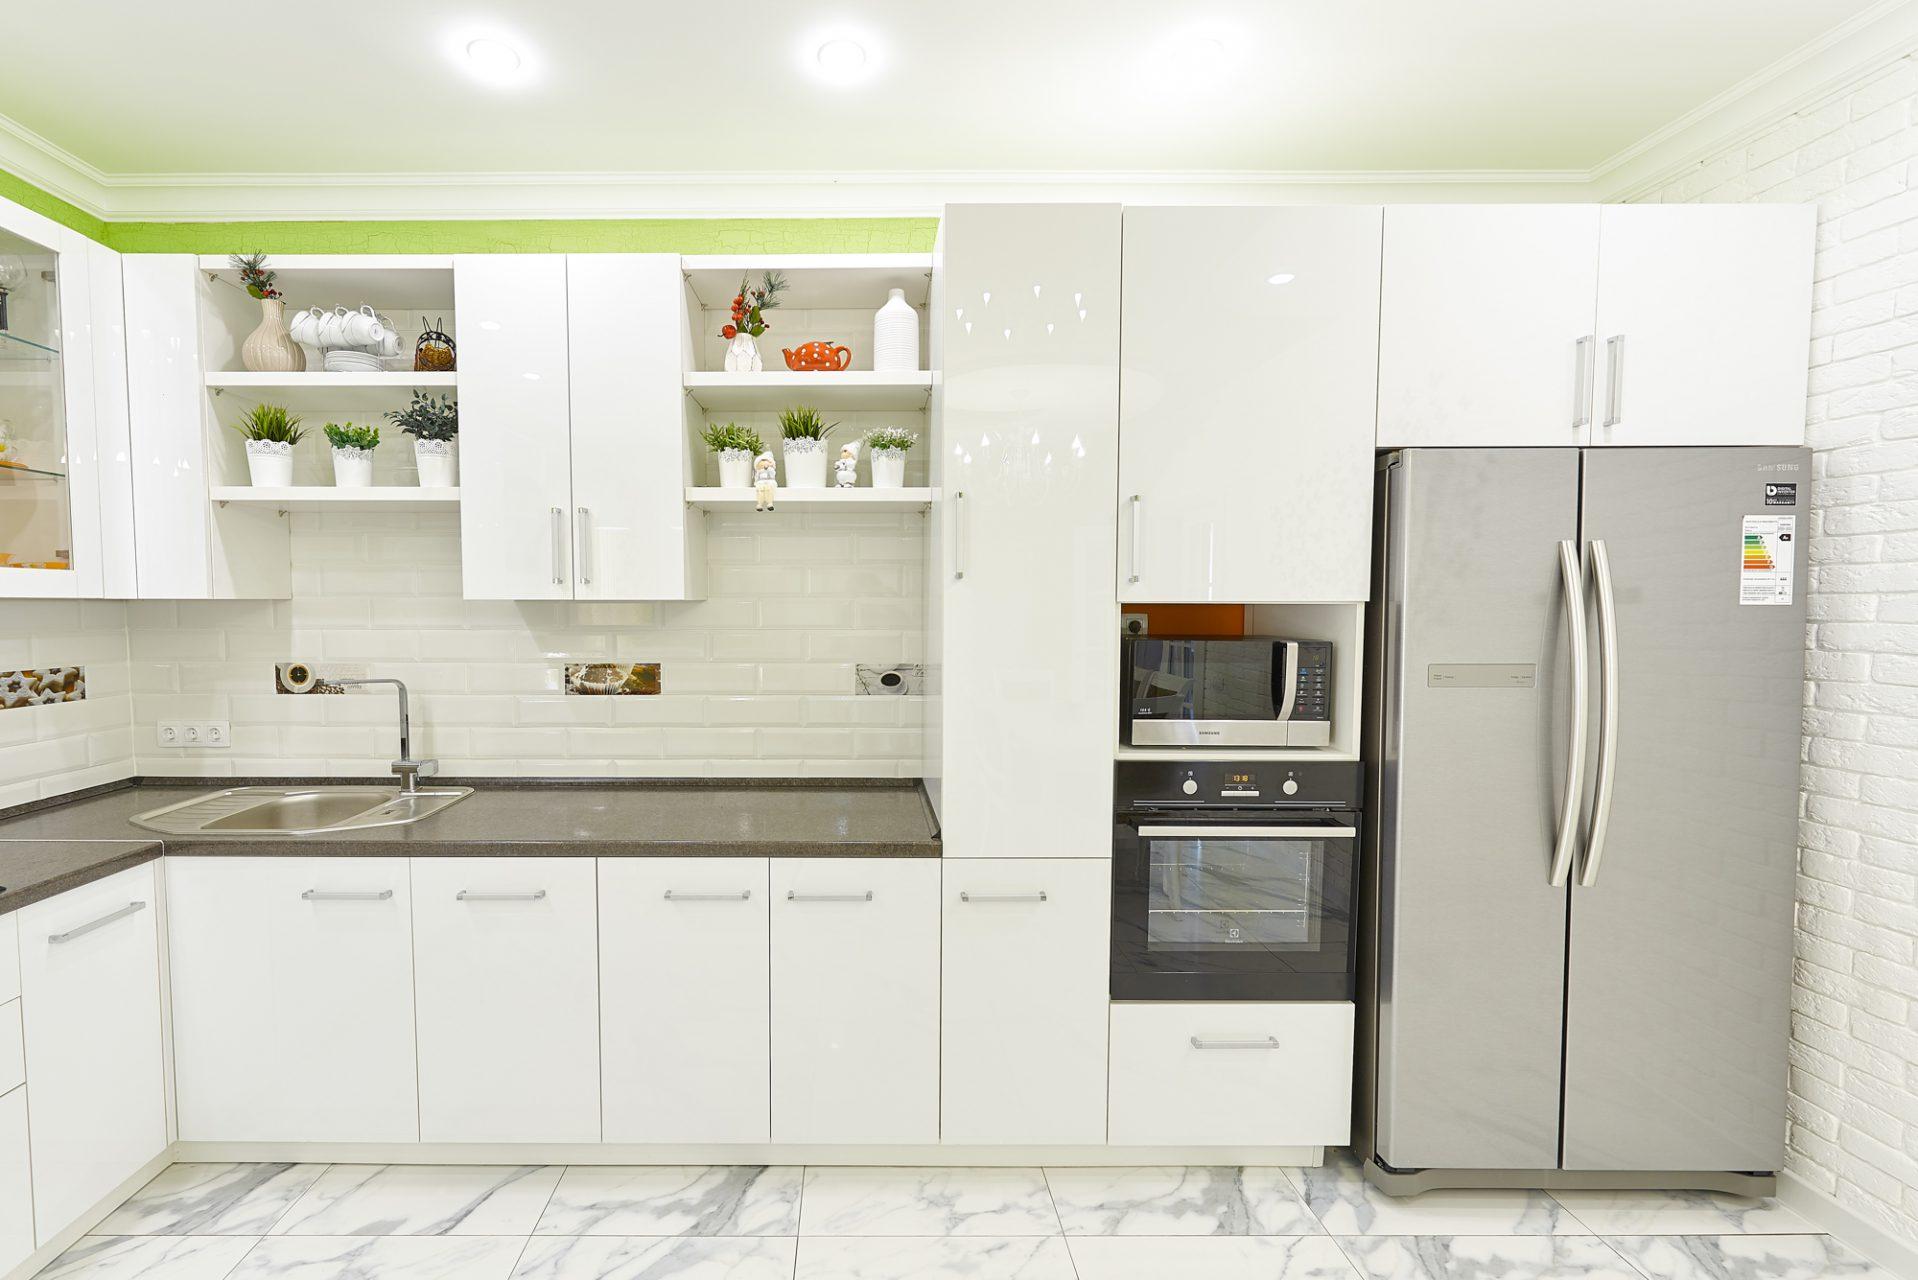 010_interior_kitchen1_korneychikeu